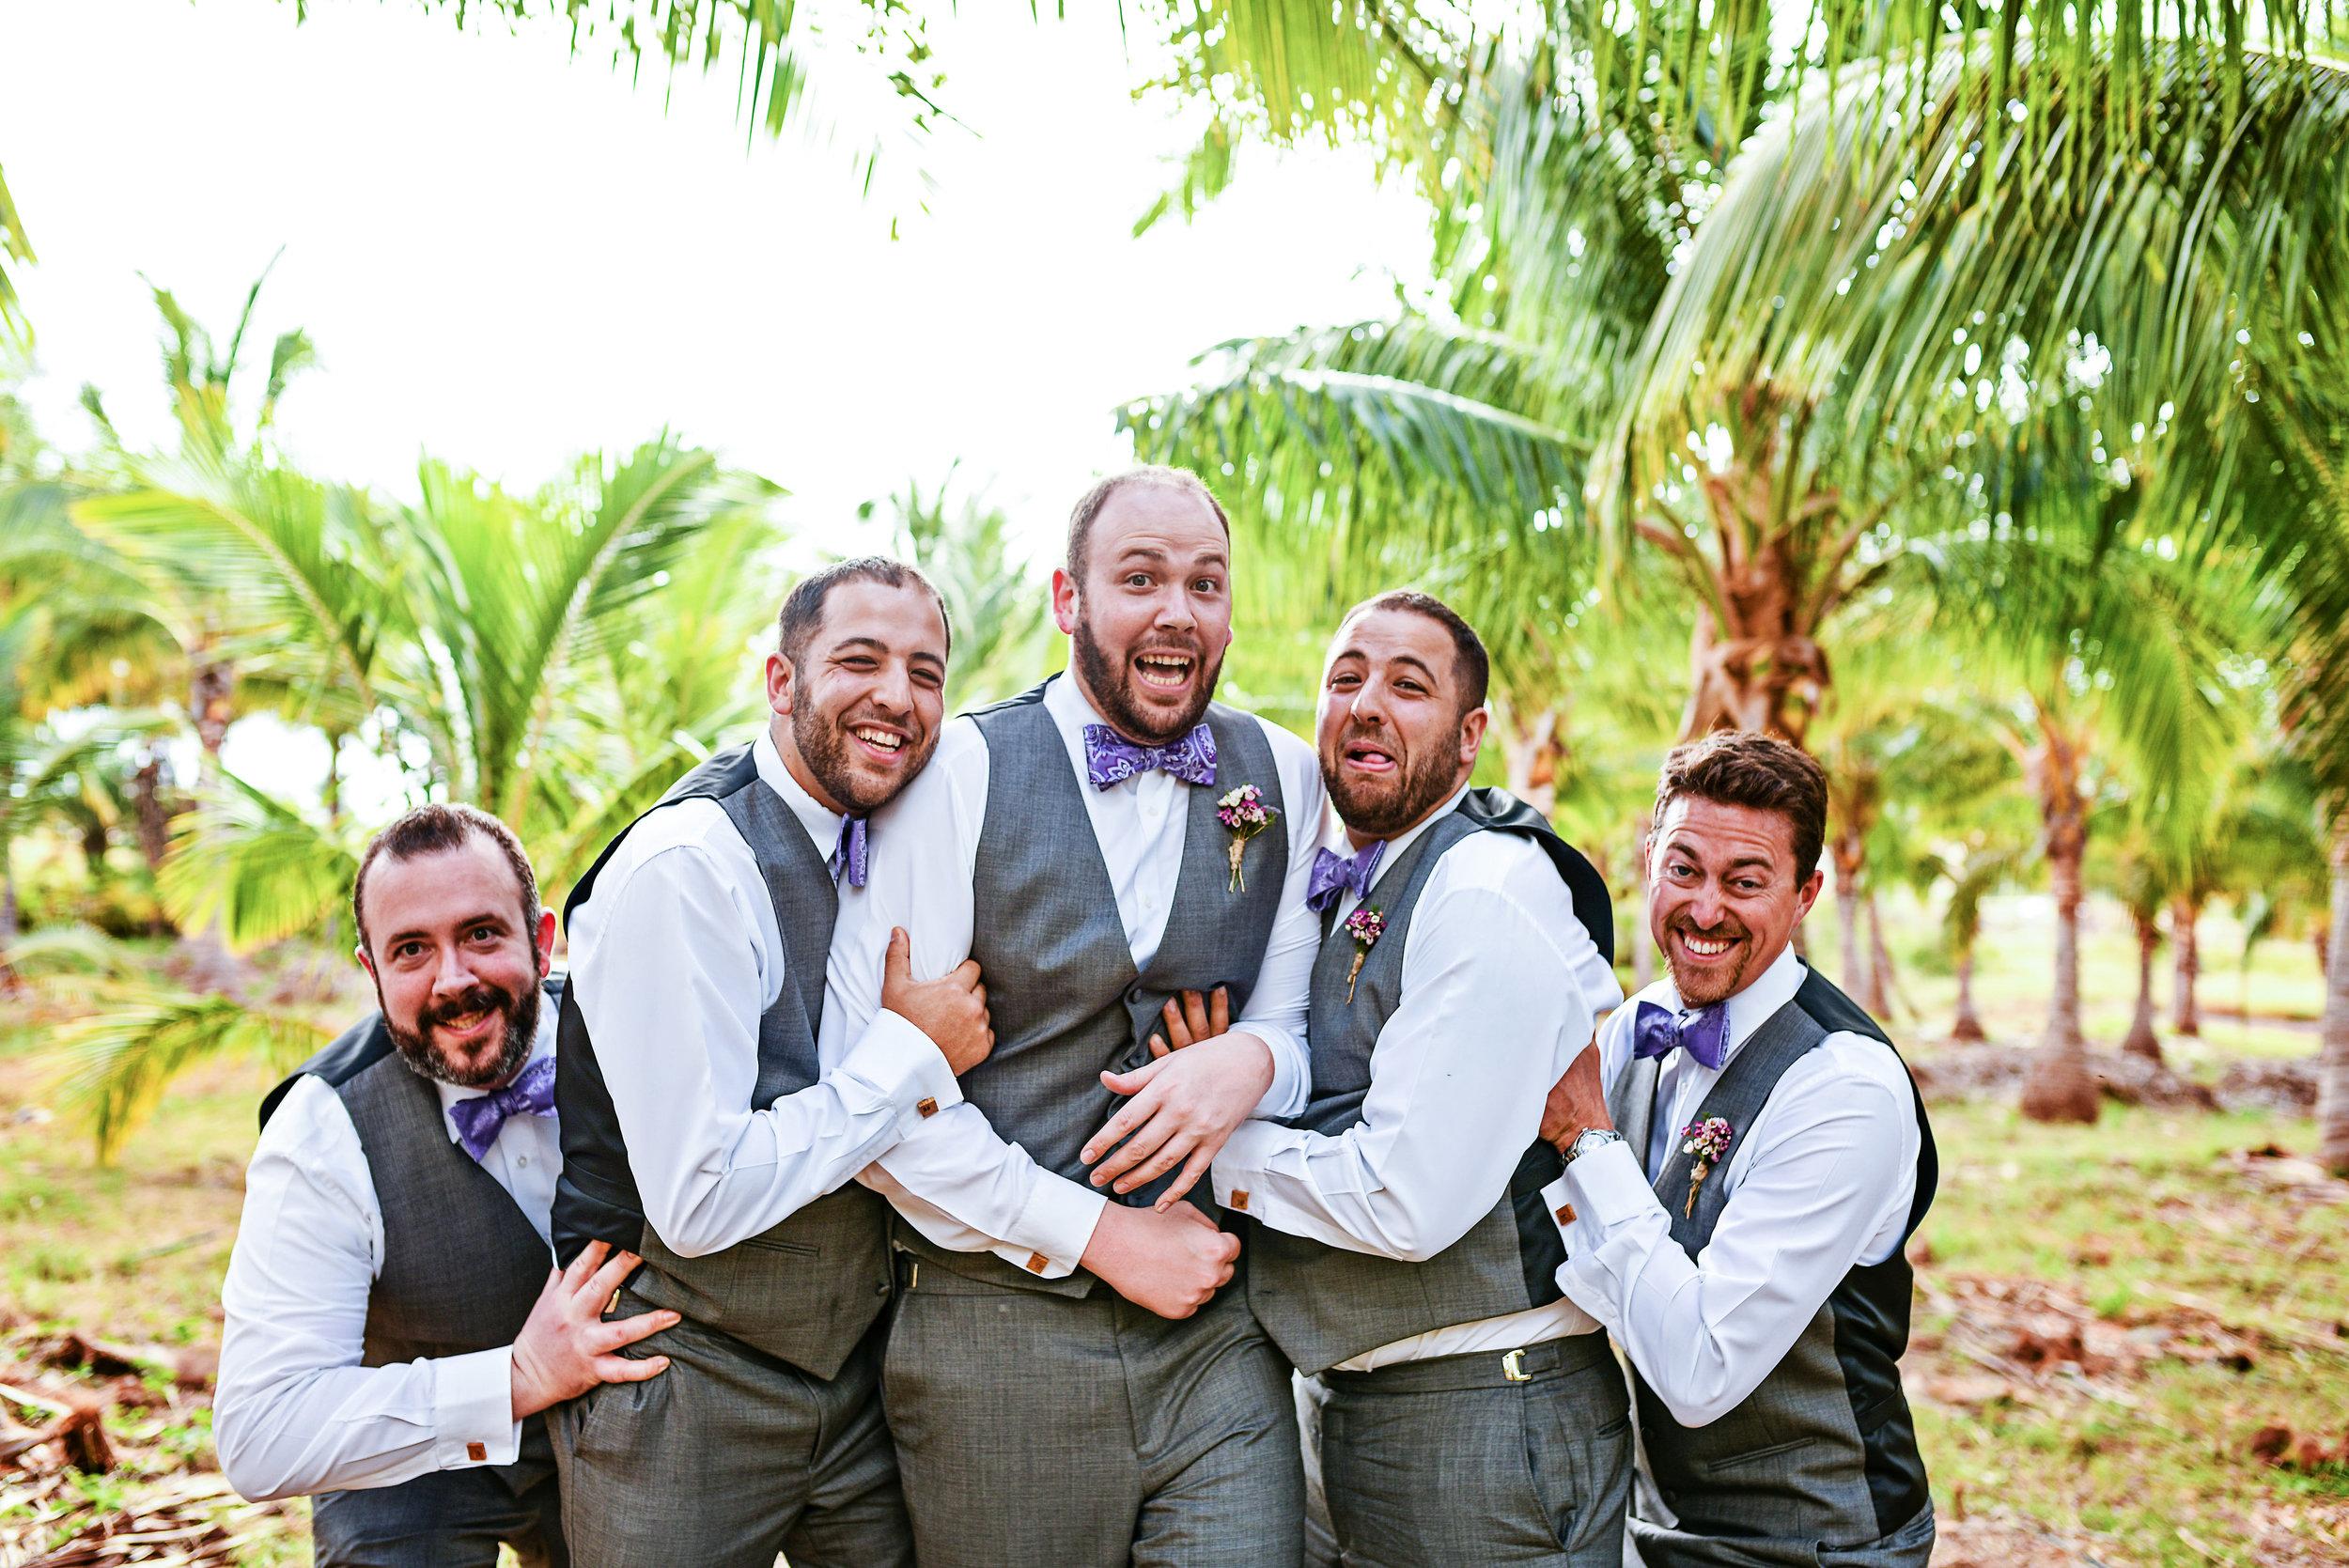 HawaiiWedding-Lisa&Scott-WeddingParty-Family-375.jpg